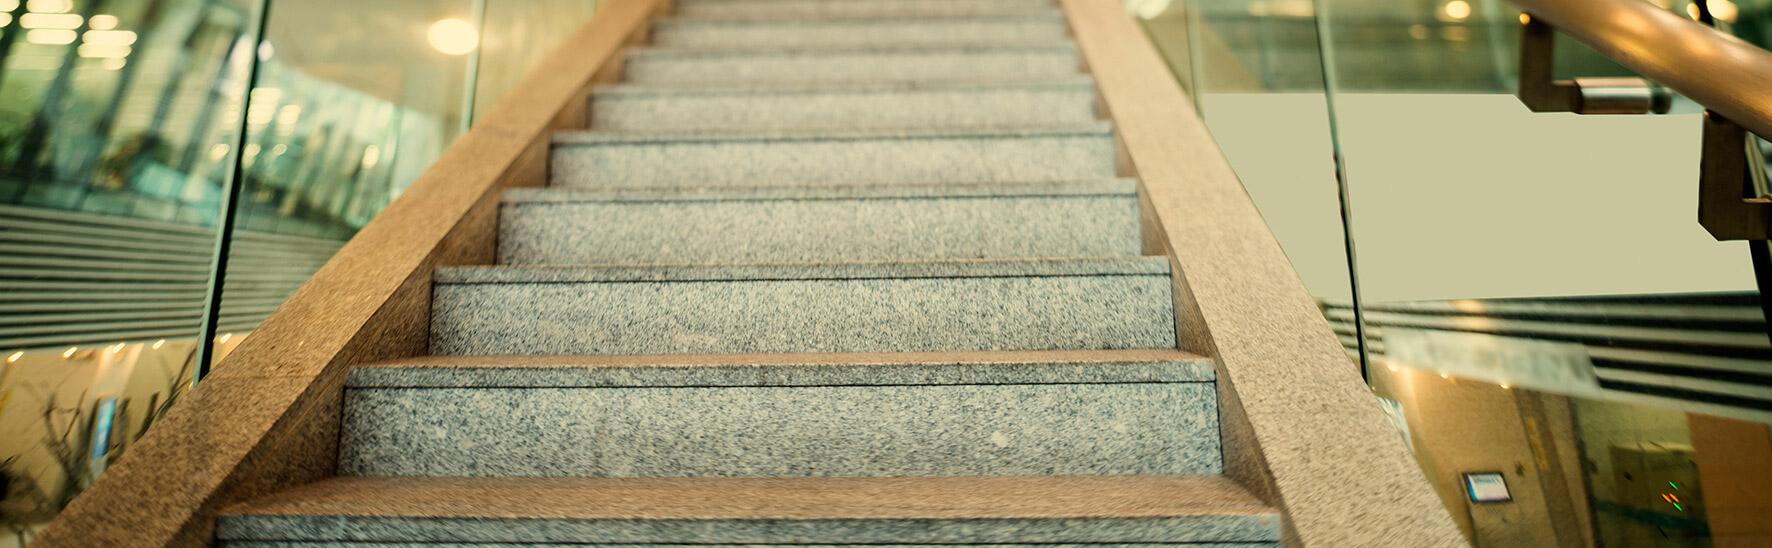 Presupuestos para Escaleras en Inmacon